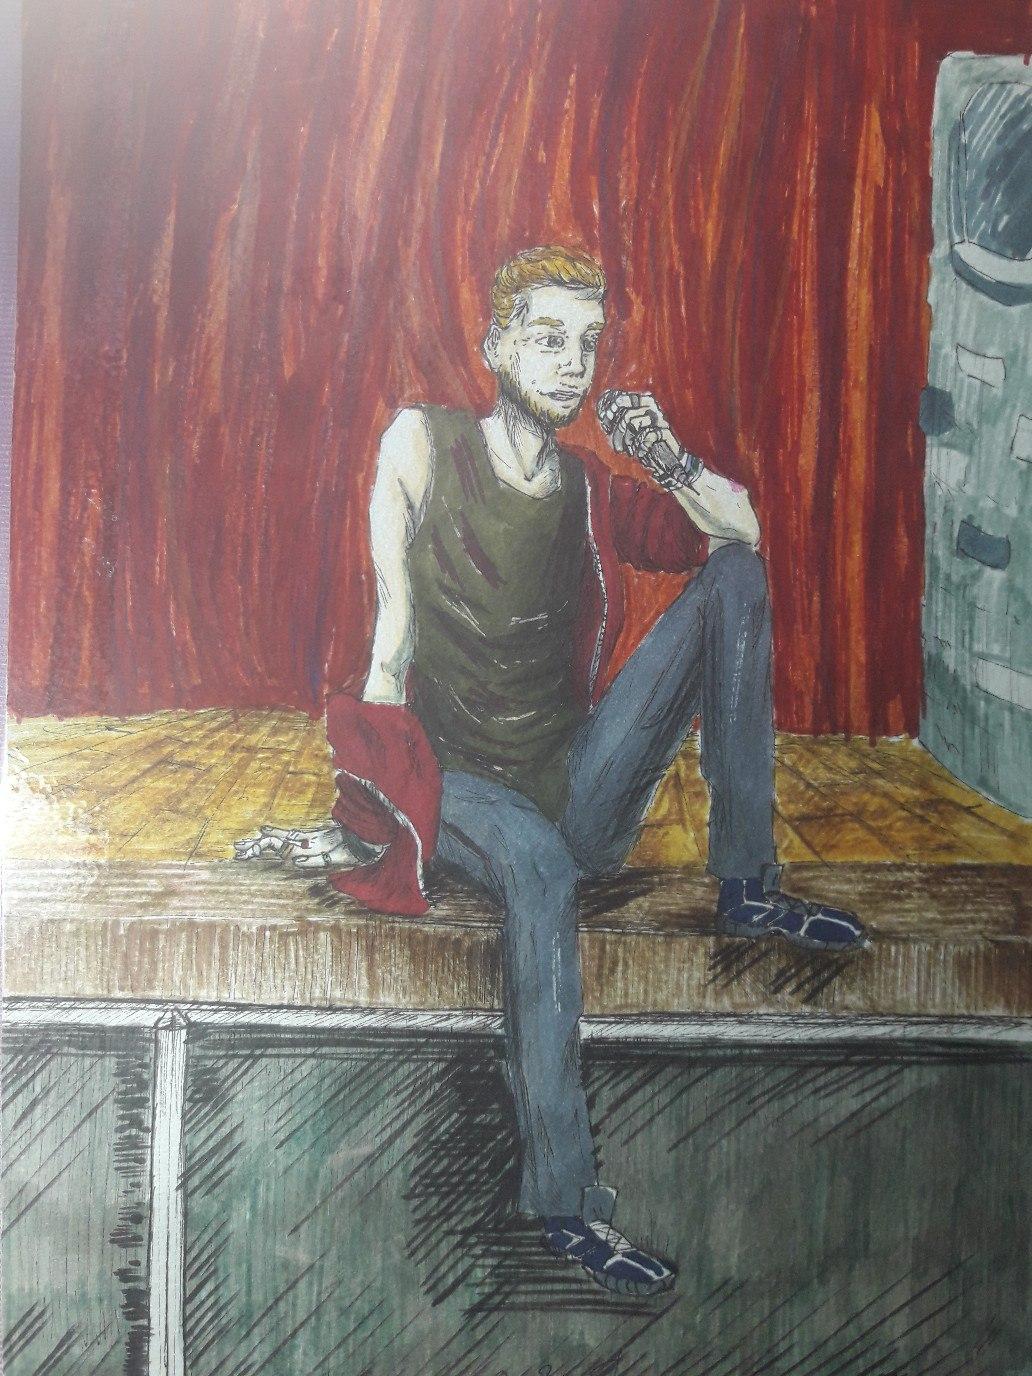 На краю сцены, на фоне красного сценического задника, сидит в свободной позе русоволосый парень и что-то рассказывает в микрофон. Правую ногу он свесил со сцены вниз, левую согнул в колене, оперевшись на неё локтем левой руки, в которой он и держит микрофон. Правой рукой и ступнёй левой ноги он опирается на напольное покрытие сцены. Одет в тёмно-зелёную футболку без рукавов, спущенную с плеча красную толстовку на молнии, серые штаны, обут в синие кроссовки.